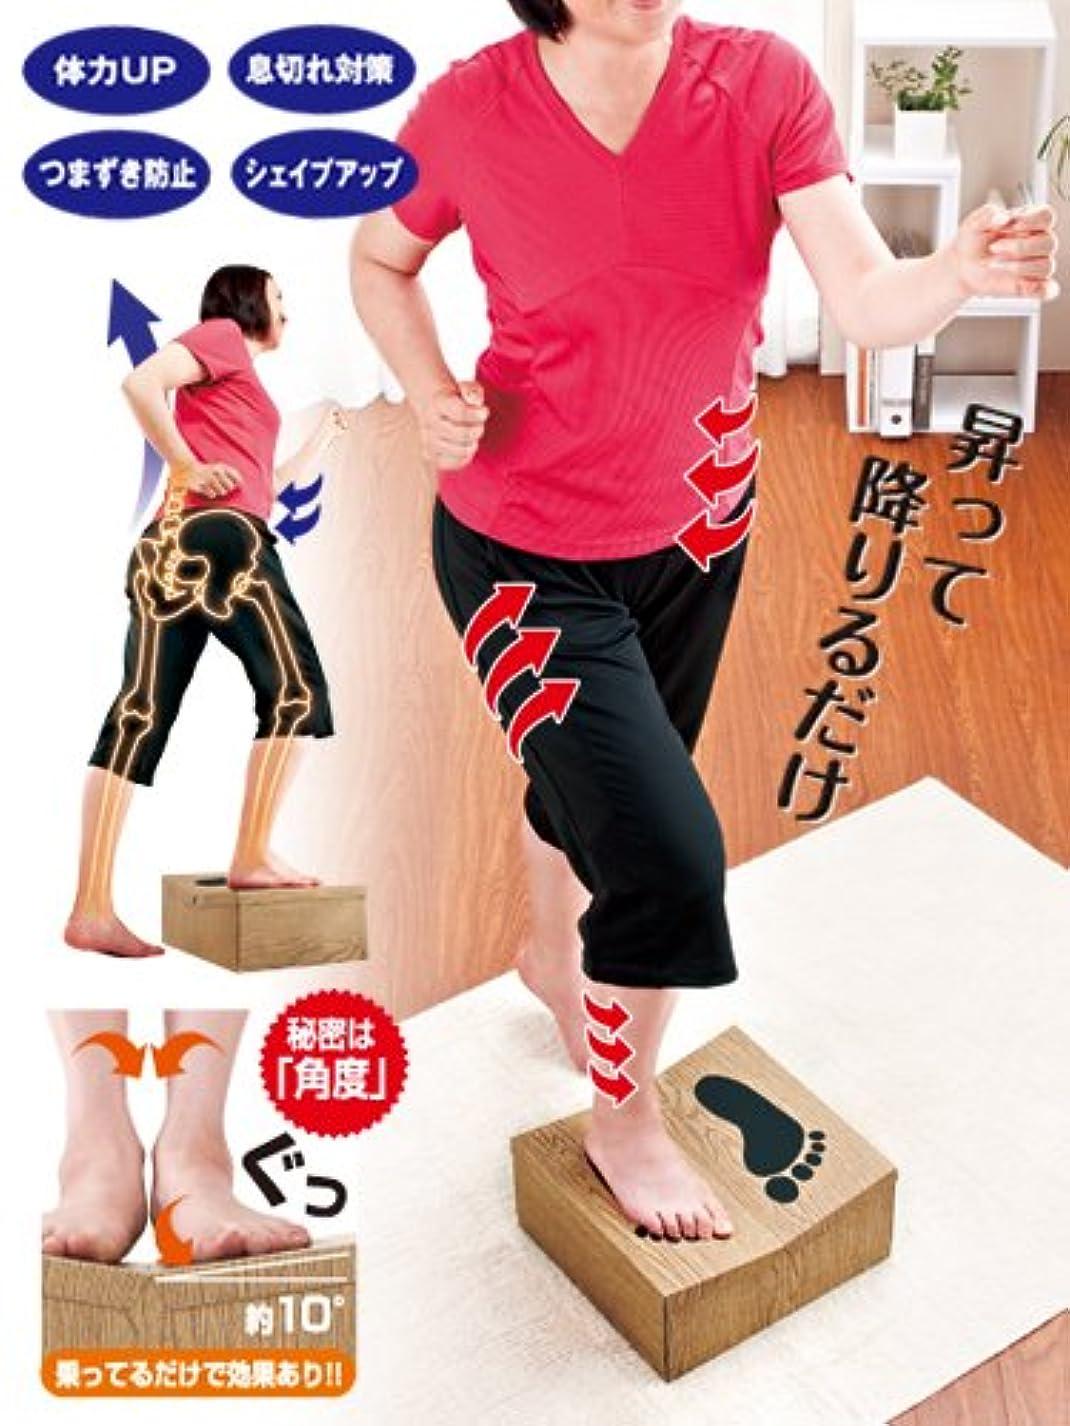 優れましたバック静かなどこでもエクササイズフミッパー 踏み台運動 フミッパー ステップ運動 踏み台 ステップ体操 上り下り運動 有酸素運動 つまずき防止 ダイエット器具 健康器具 リハビリ 踏み台昇降運動